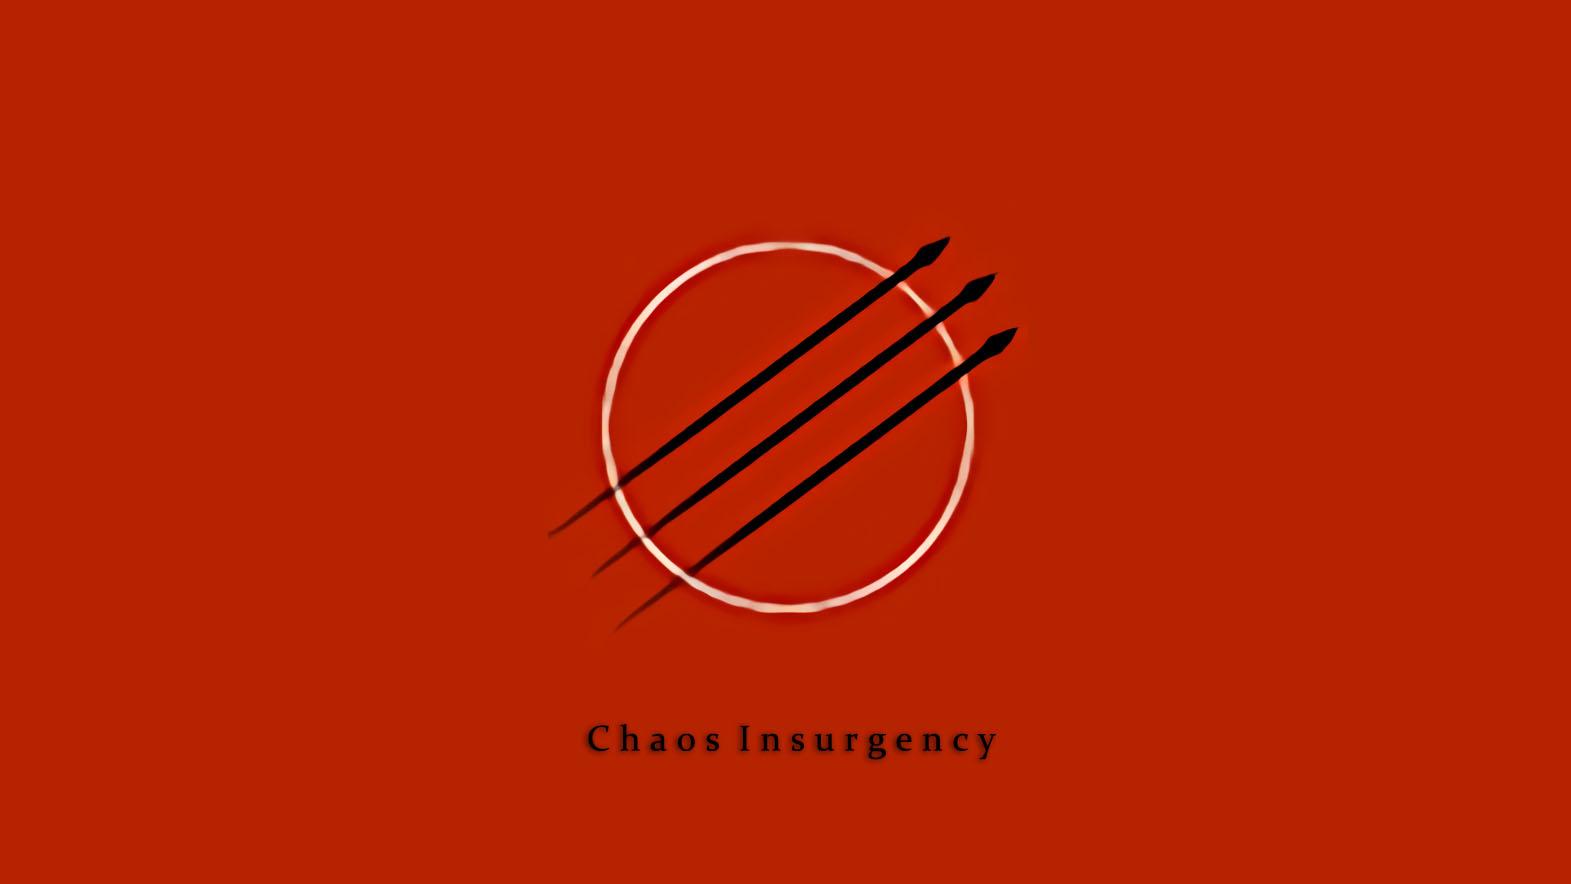 Chaos_waifu2x_art_noise1_scale_tta_1_waifu2x_art_noise1_scale_tta_1_waifu2x_art_noise1_scale_tta_1.jpg